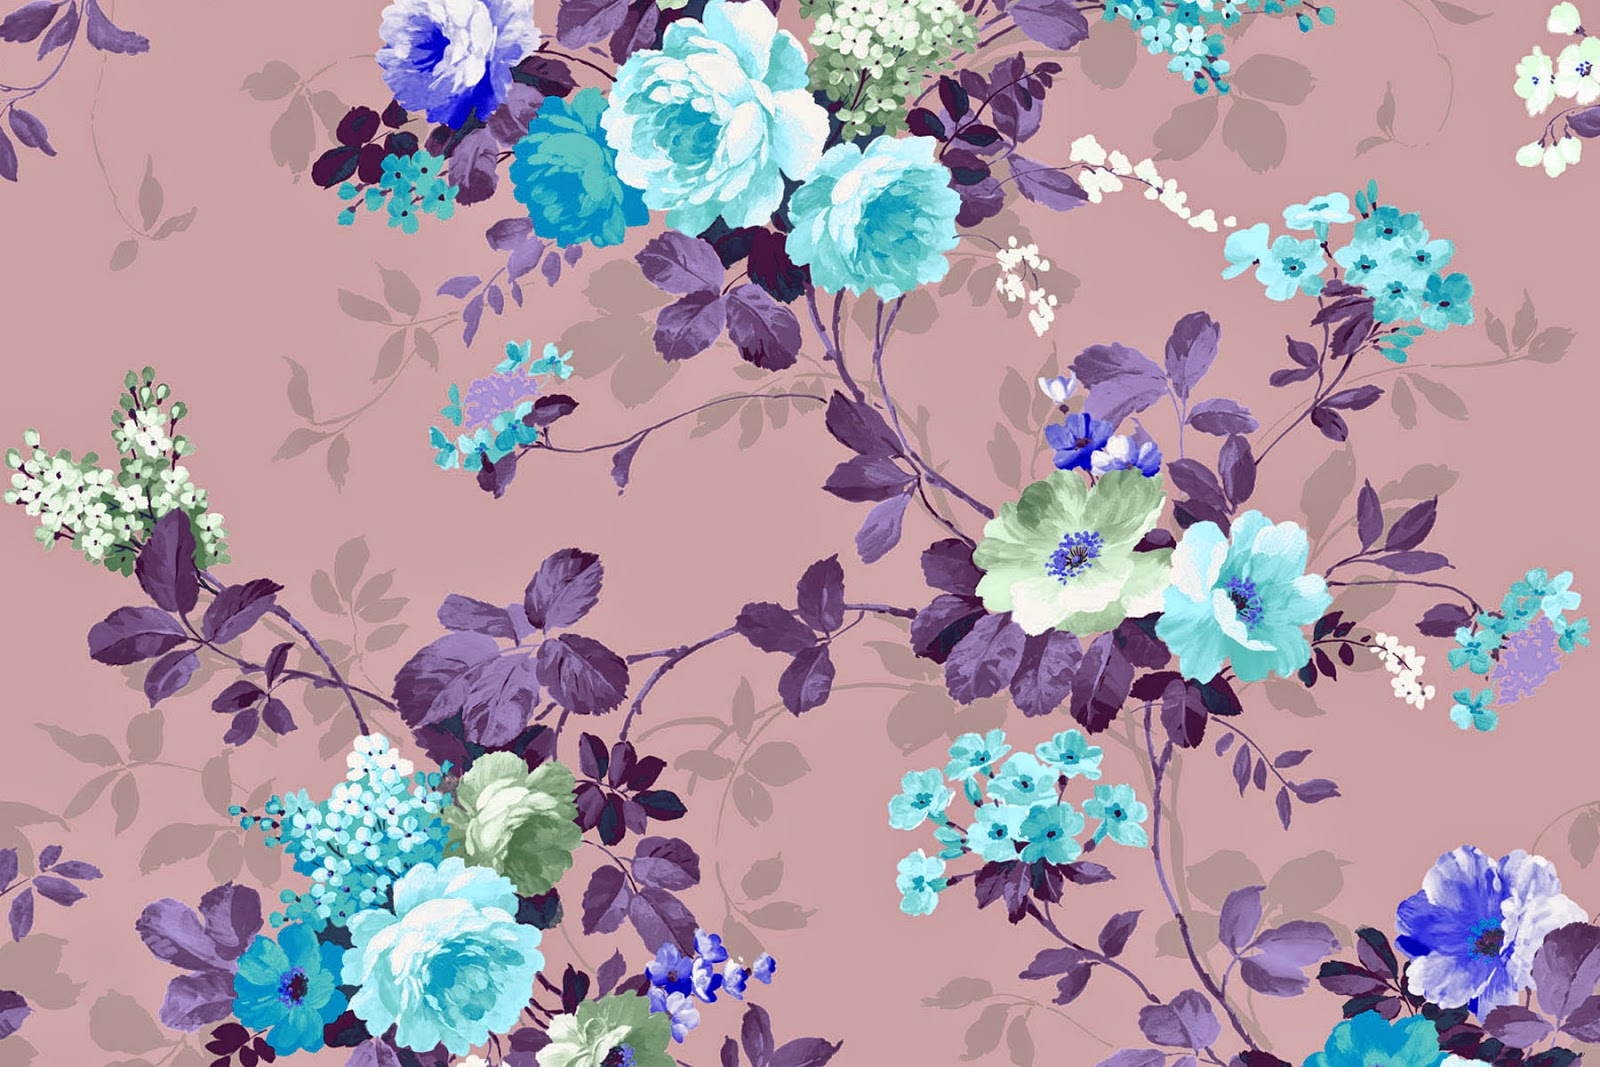 Vintage Floral Desktop Background - HD Wallpaper